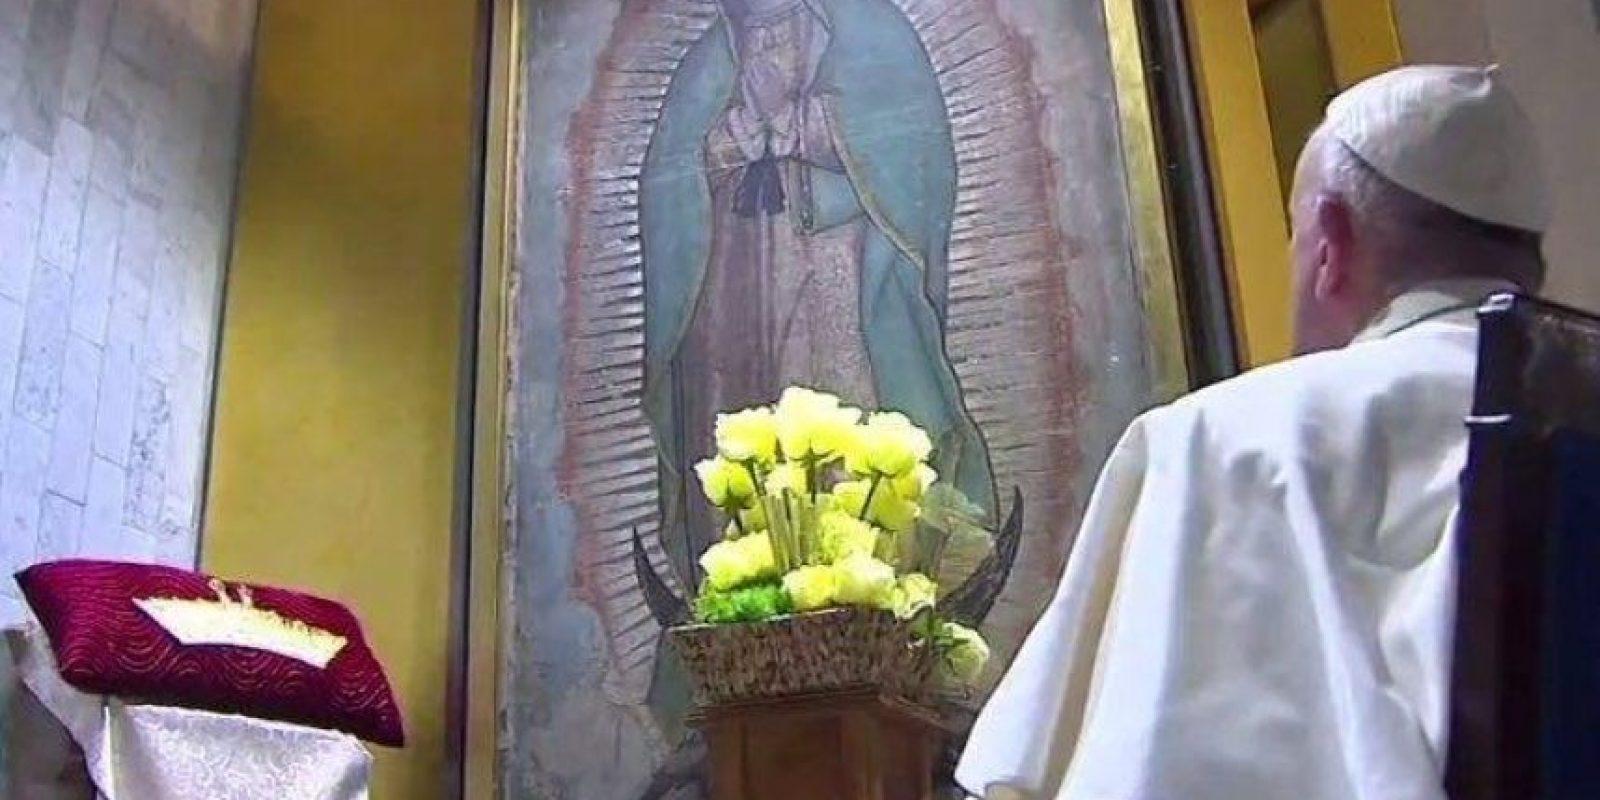 5- Basílica. Rezo guadalupano. El Papa Francisco rezó en silencio frente a la imagen de la Virgen de Guadalupe. También le regaló una diadema de plata, luego de haber oficiado una misa en la Basílica de Guadalupe ante cientos de fieles. Foto:Nicolás Corte, cuartoscuro, Notimex y facebook